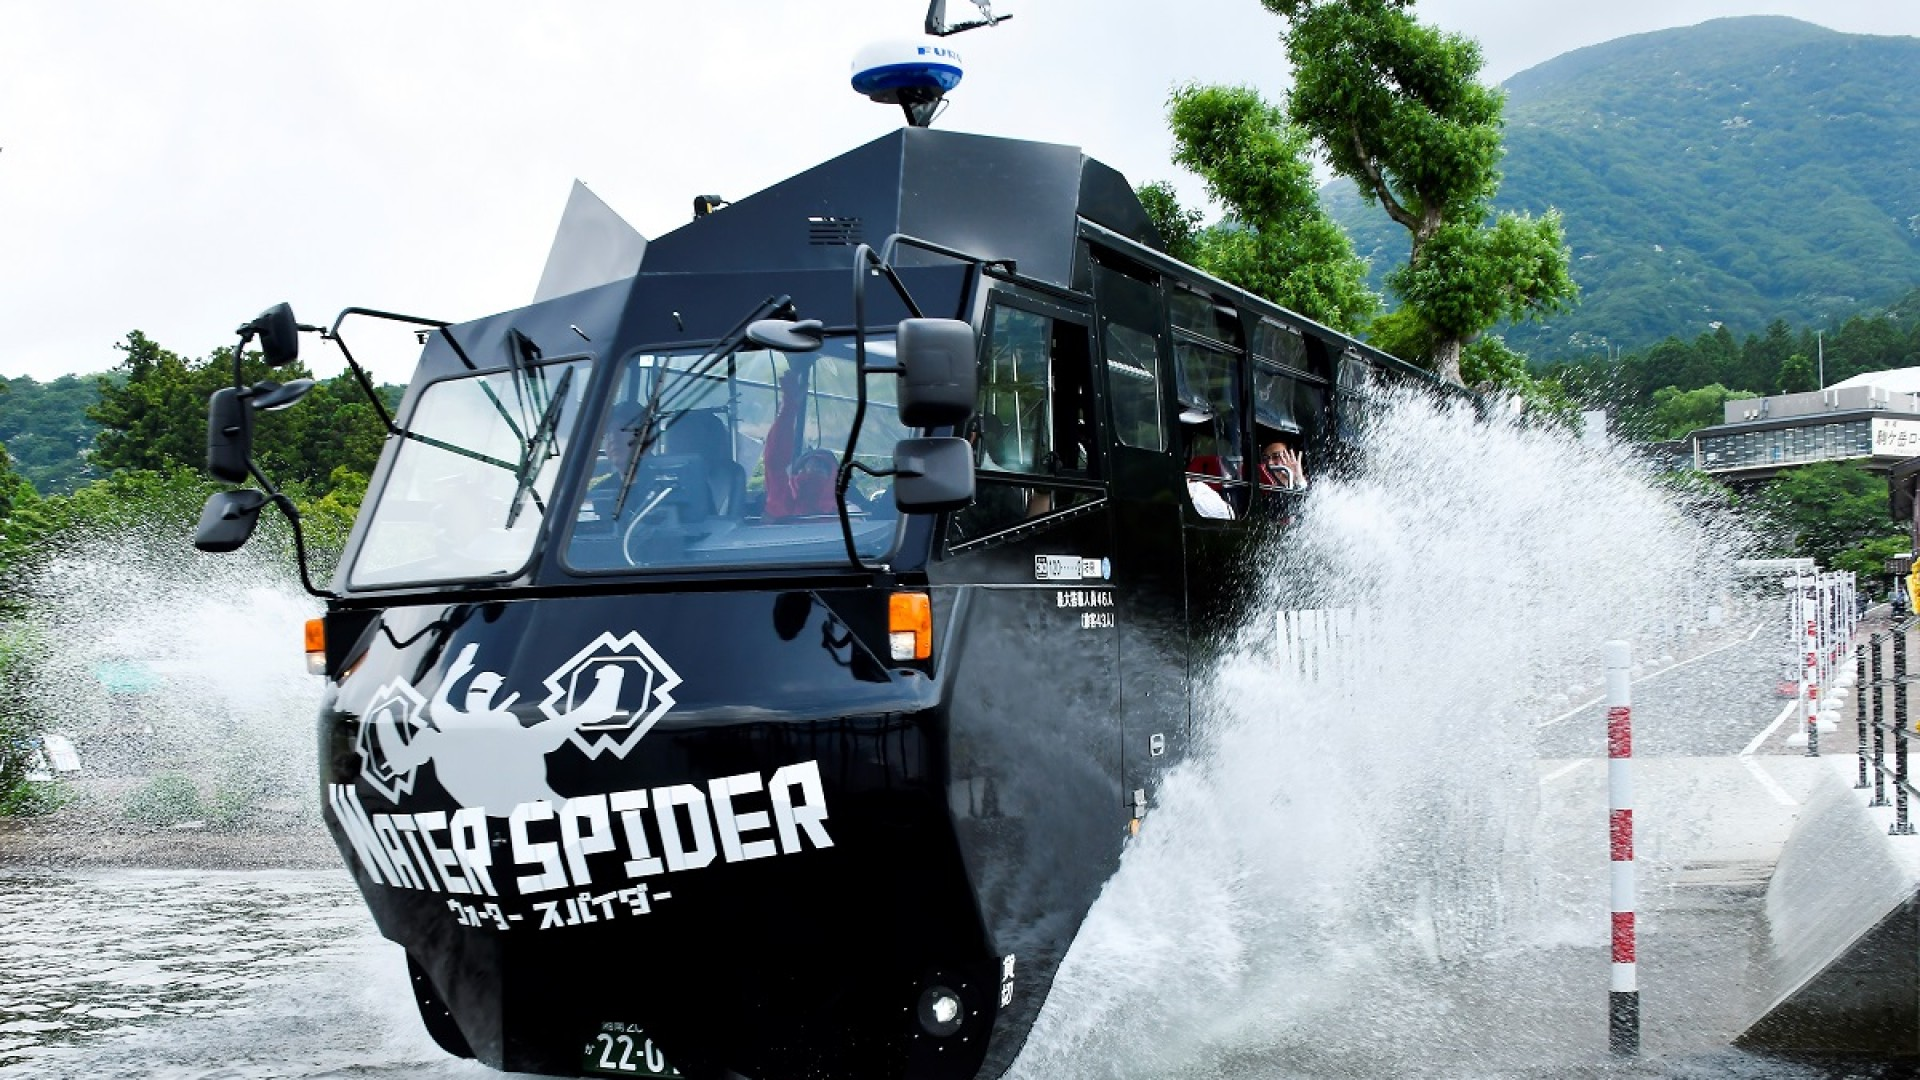 รถบัสนินจา แมงมุมน้ำ